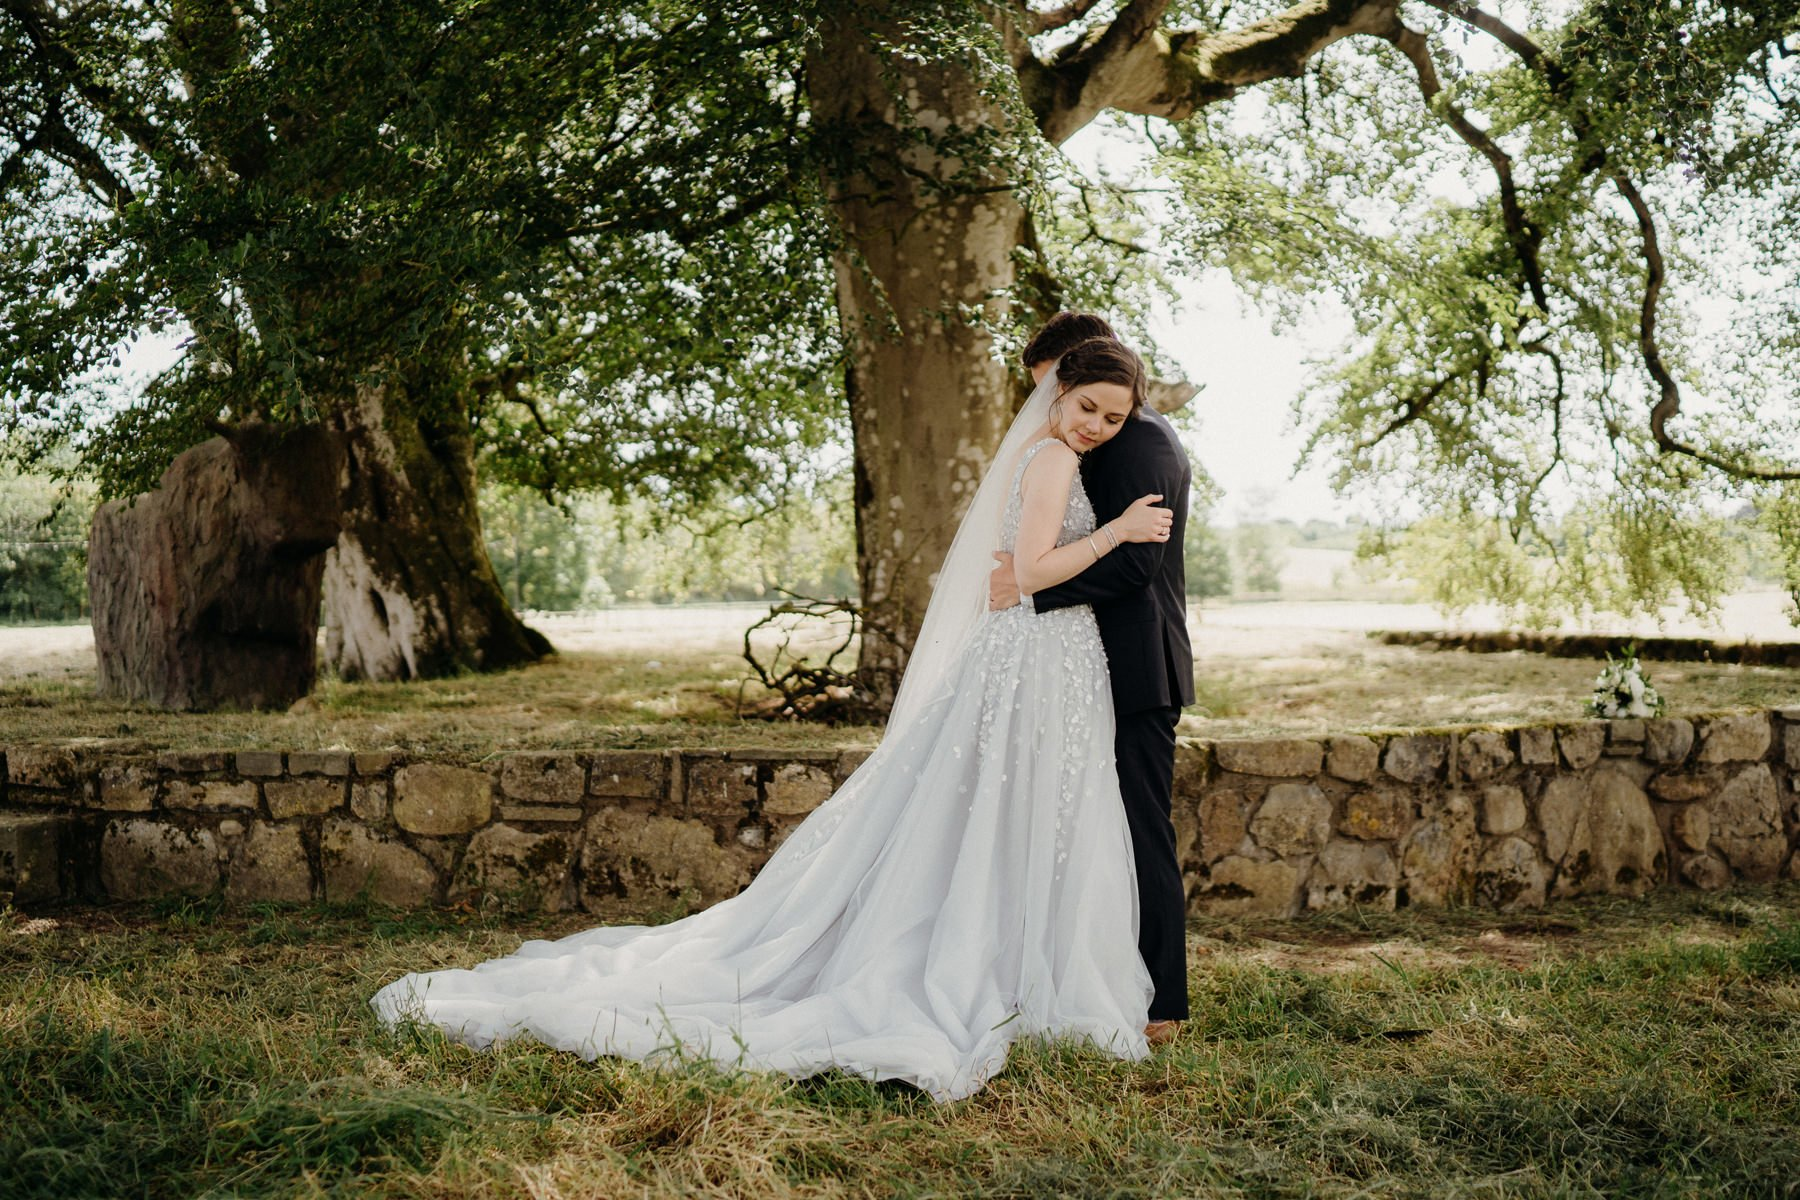 Alternative Wedding Ireland - Whimsical Mount Druid